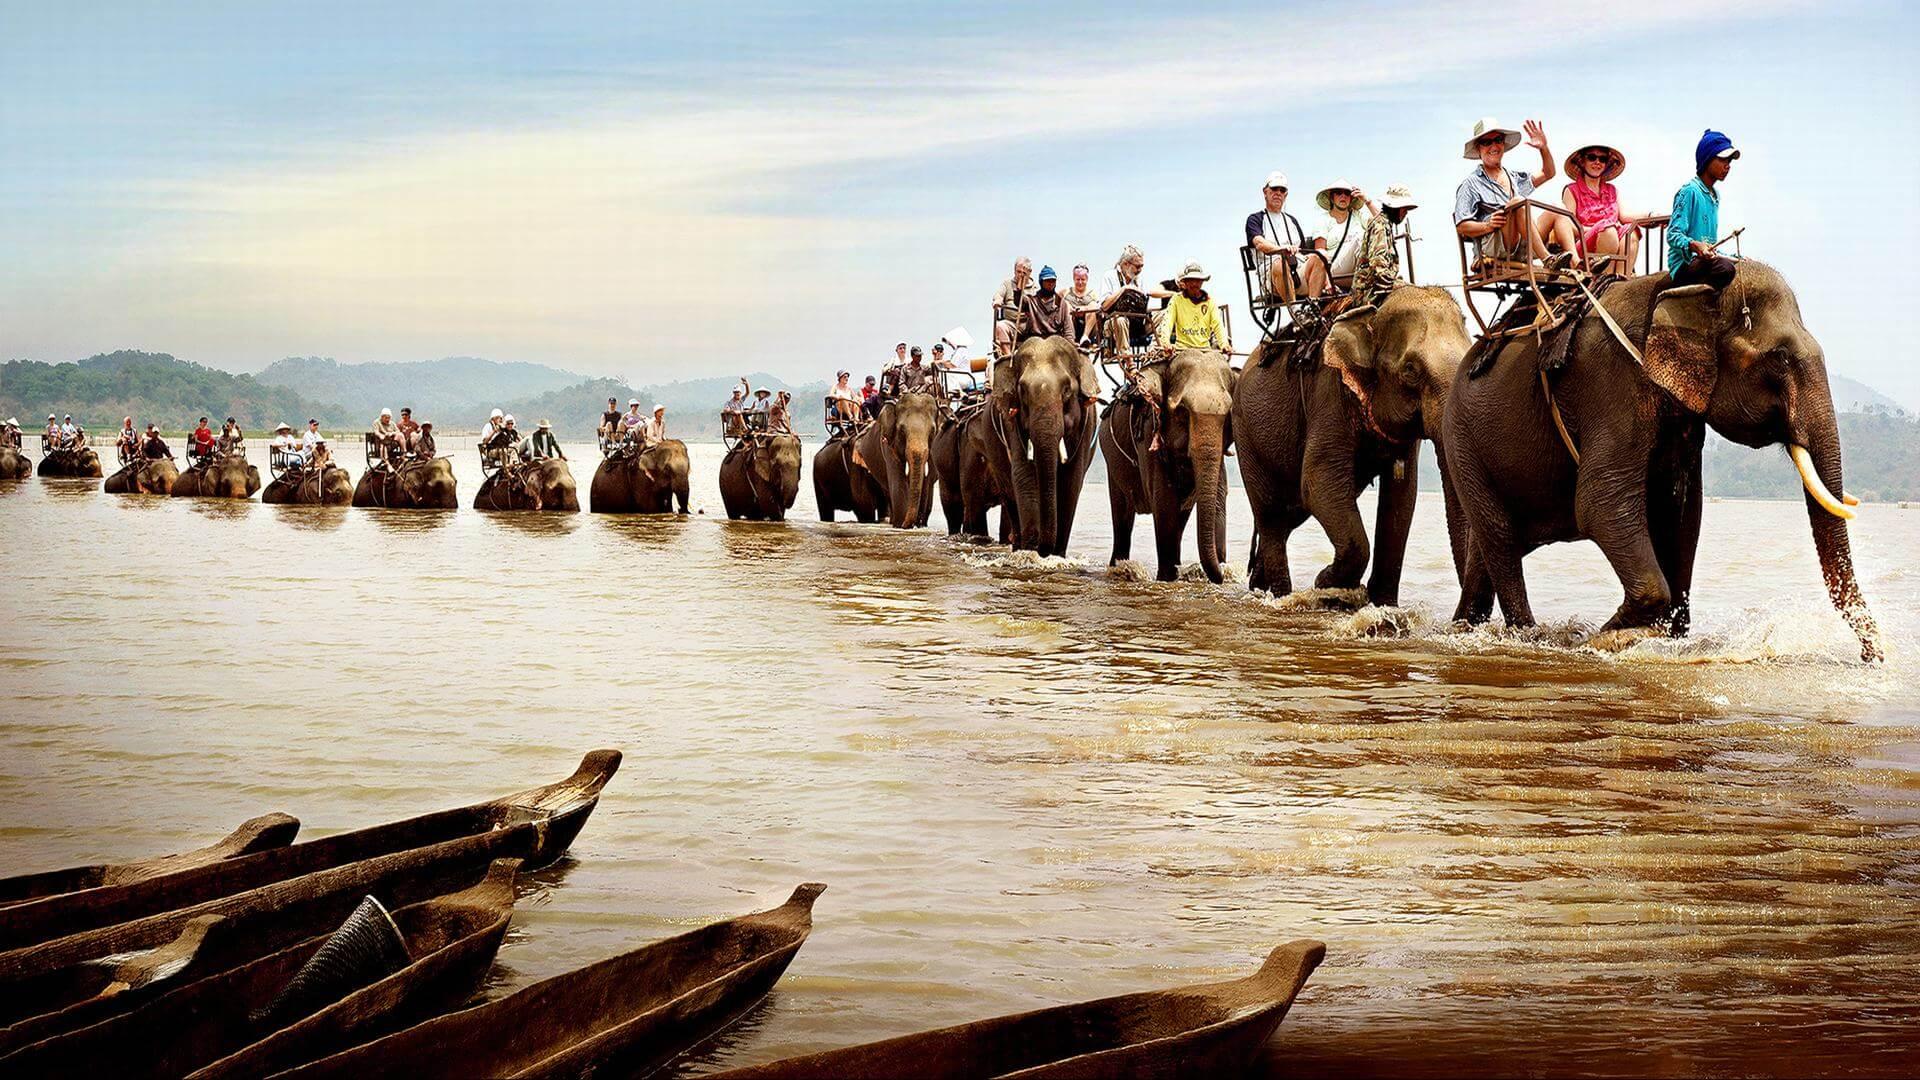 itineraire-vietnam-nord-au-sud-28-jours-1